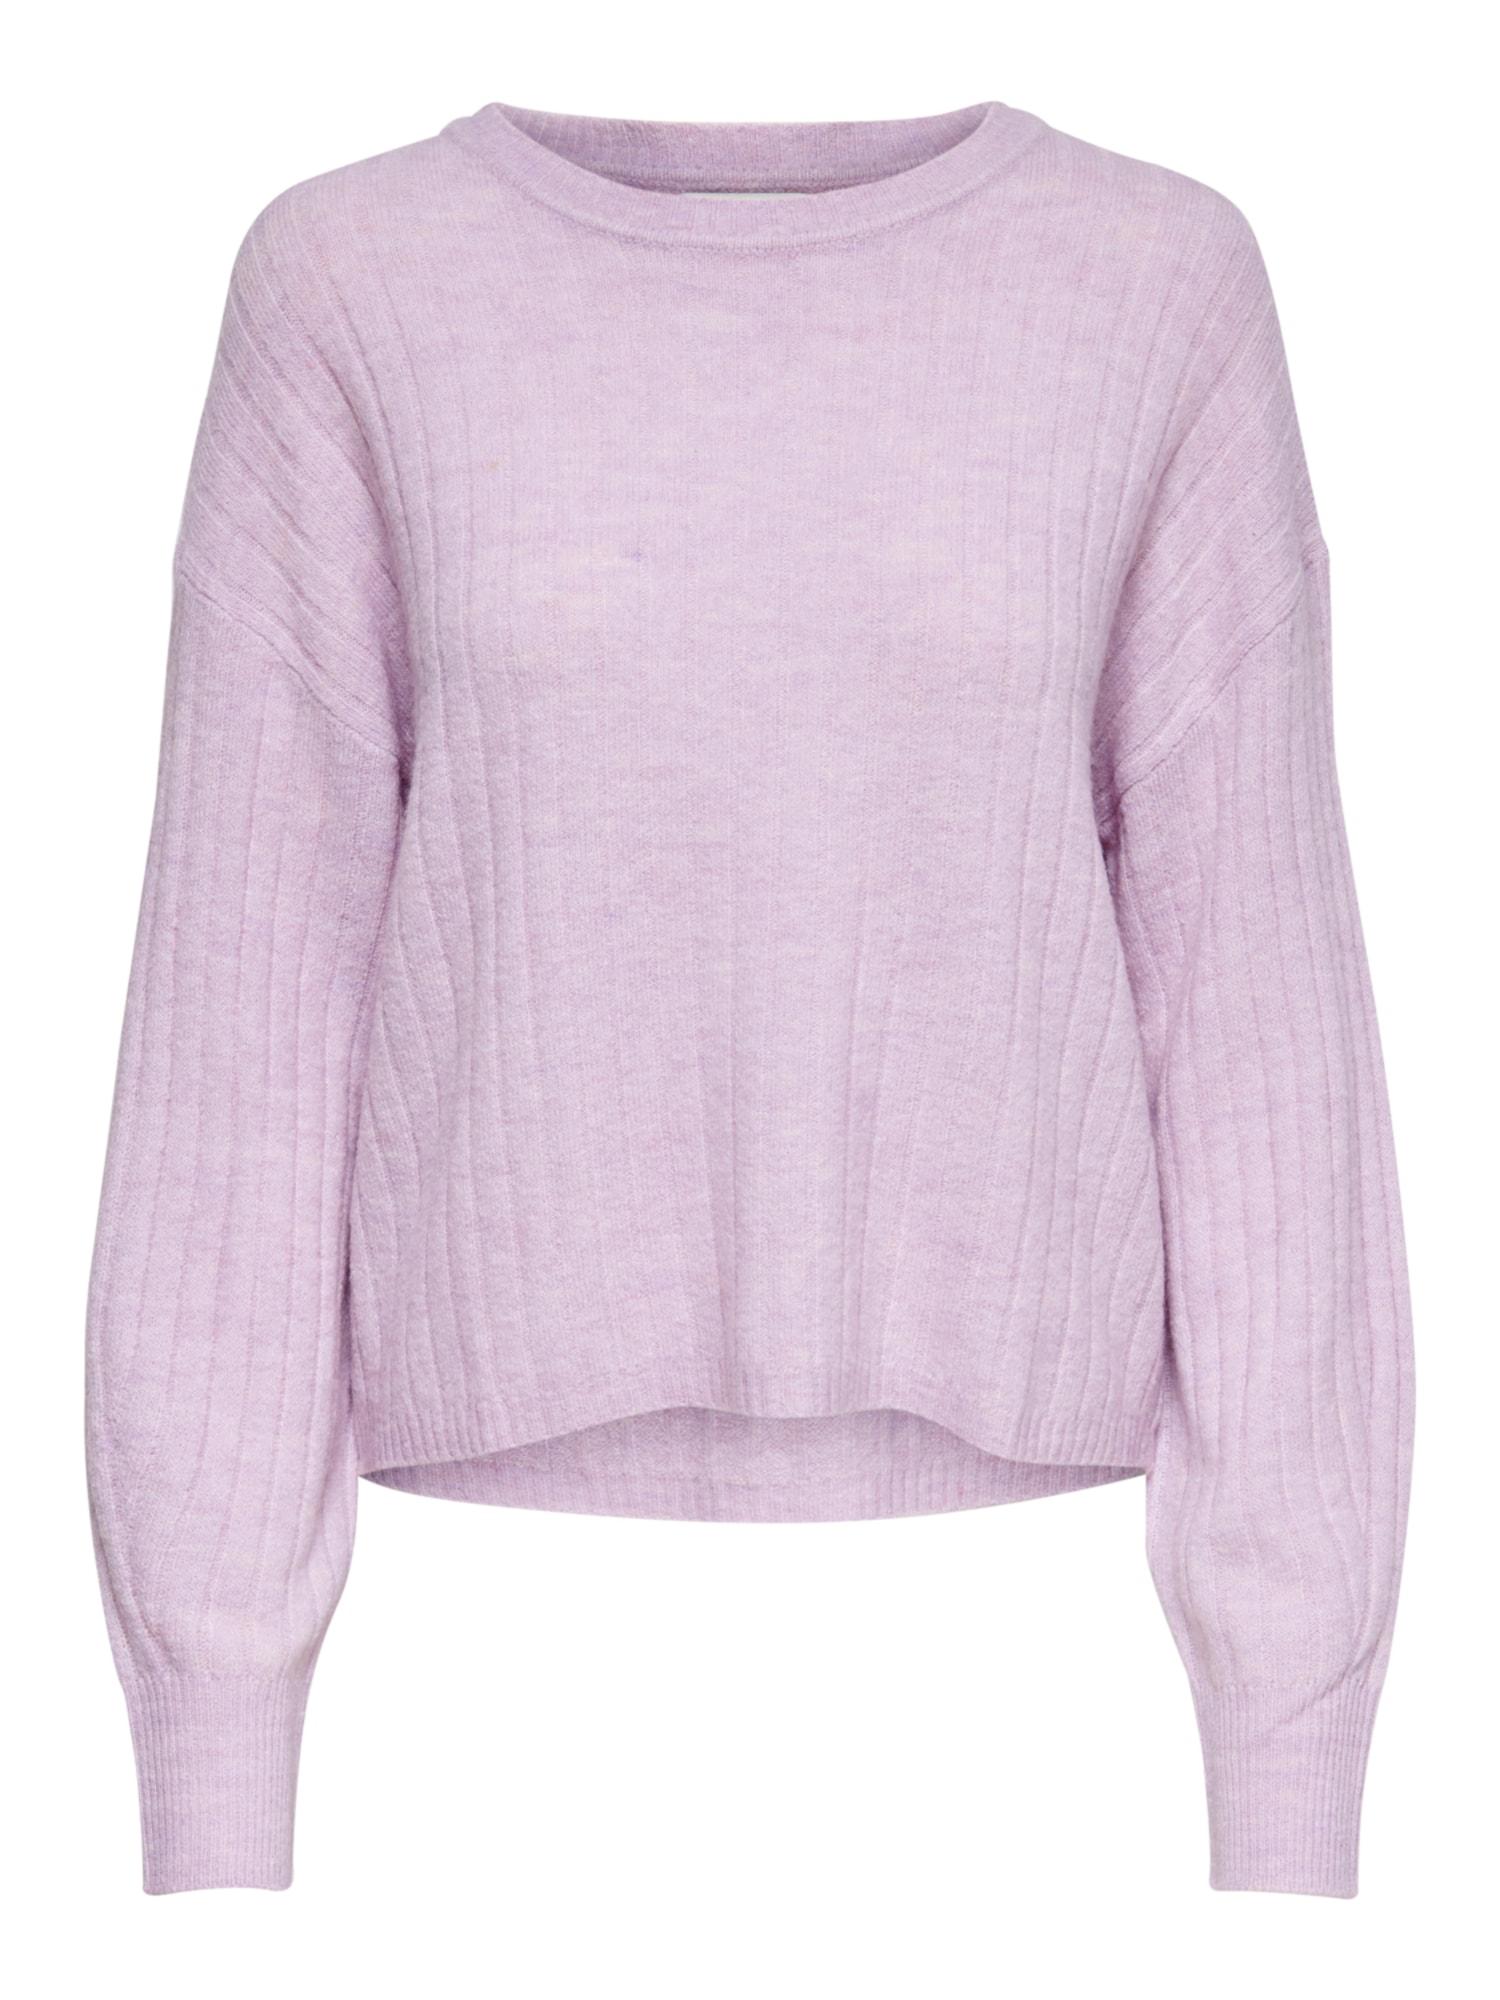 ONLY Megztinis 'Corinne' pastelinė violetinė